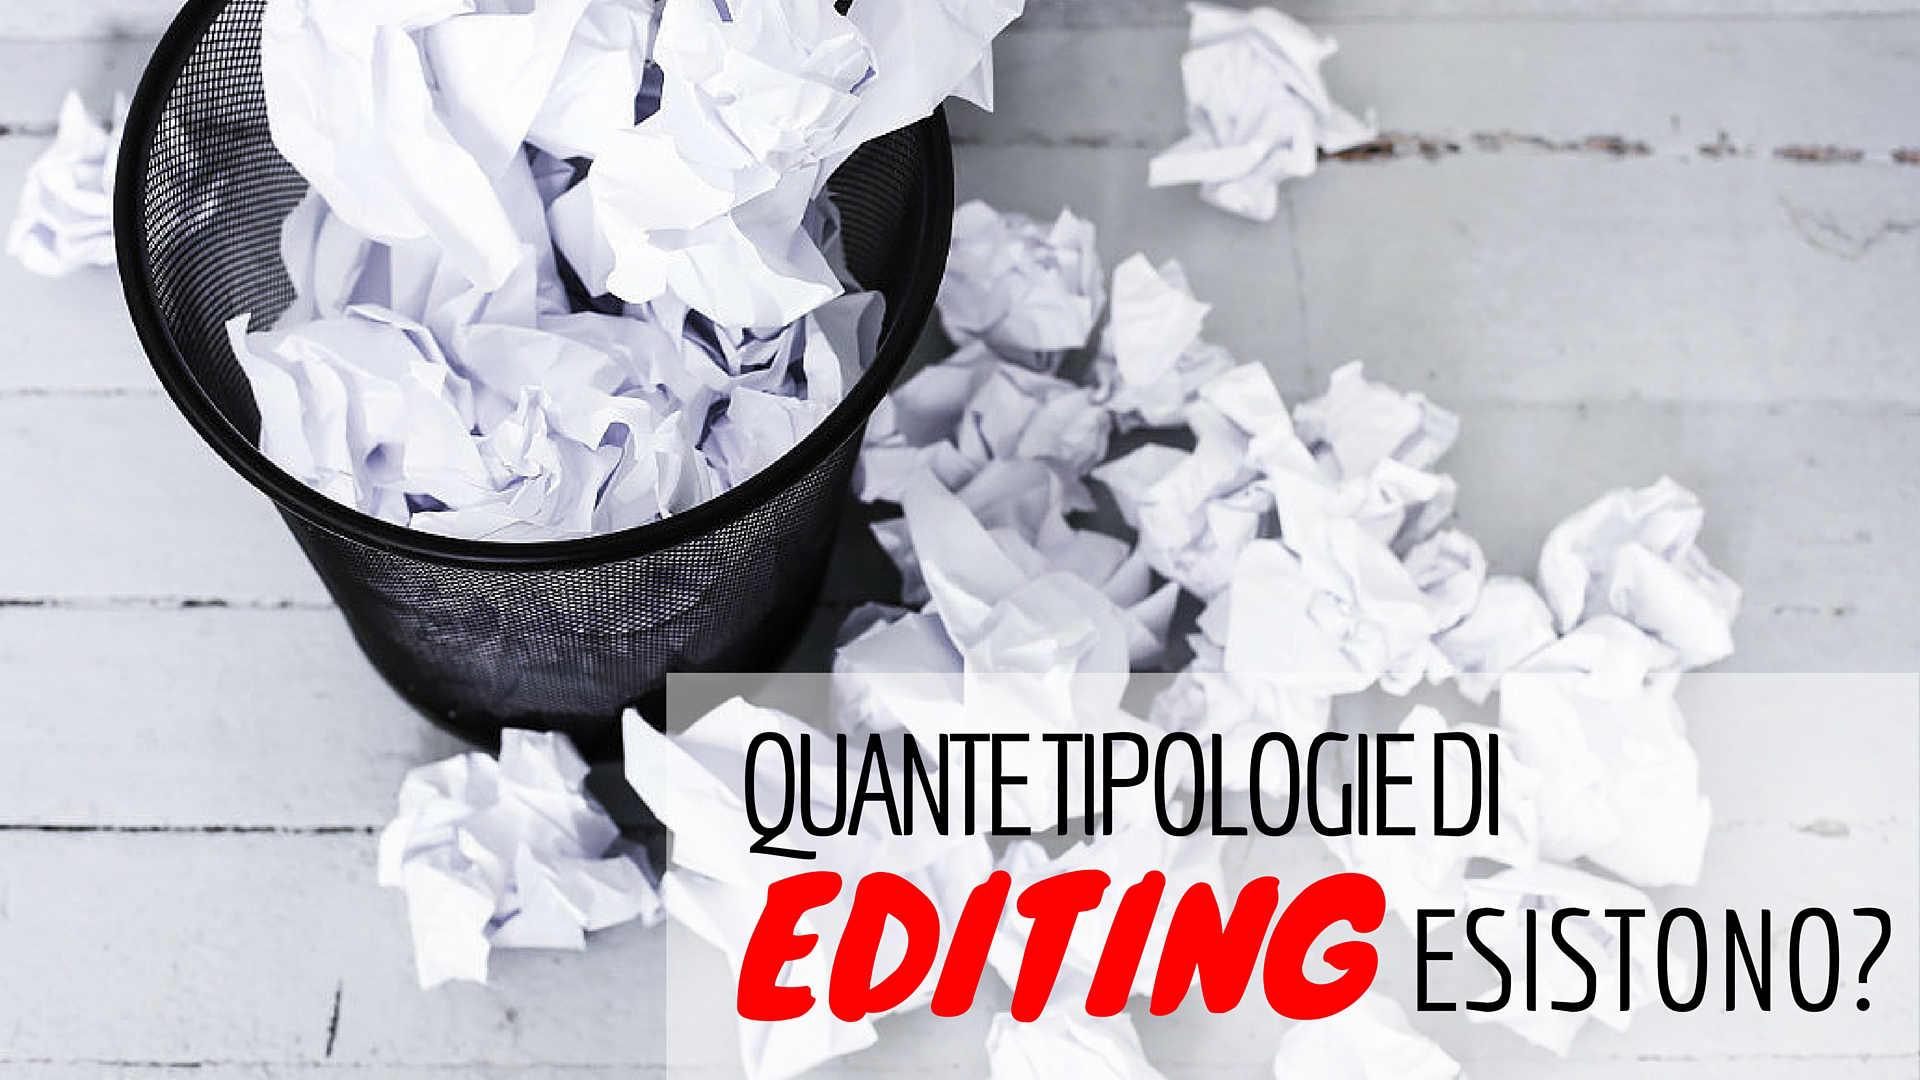 quante tipologie di editing esistono